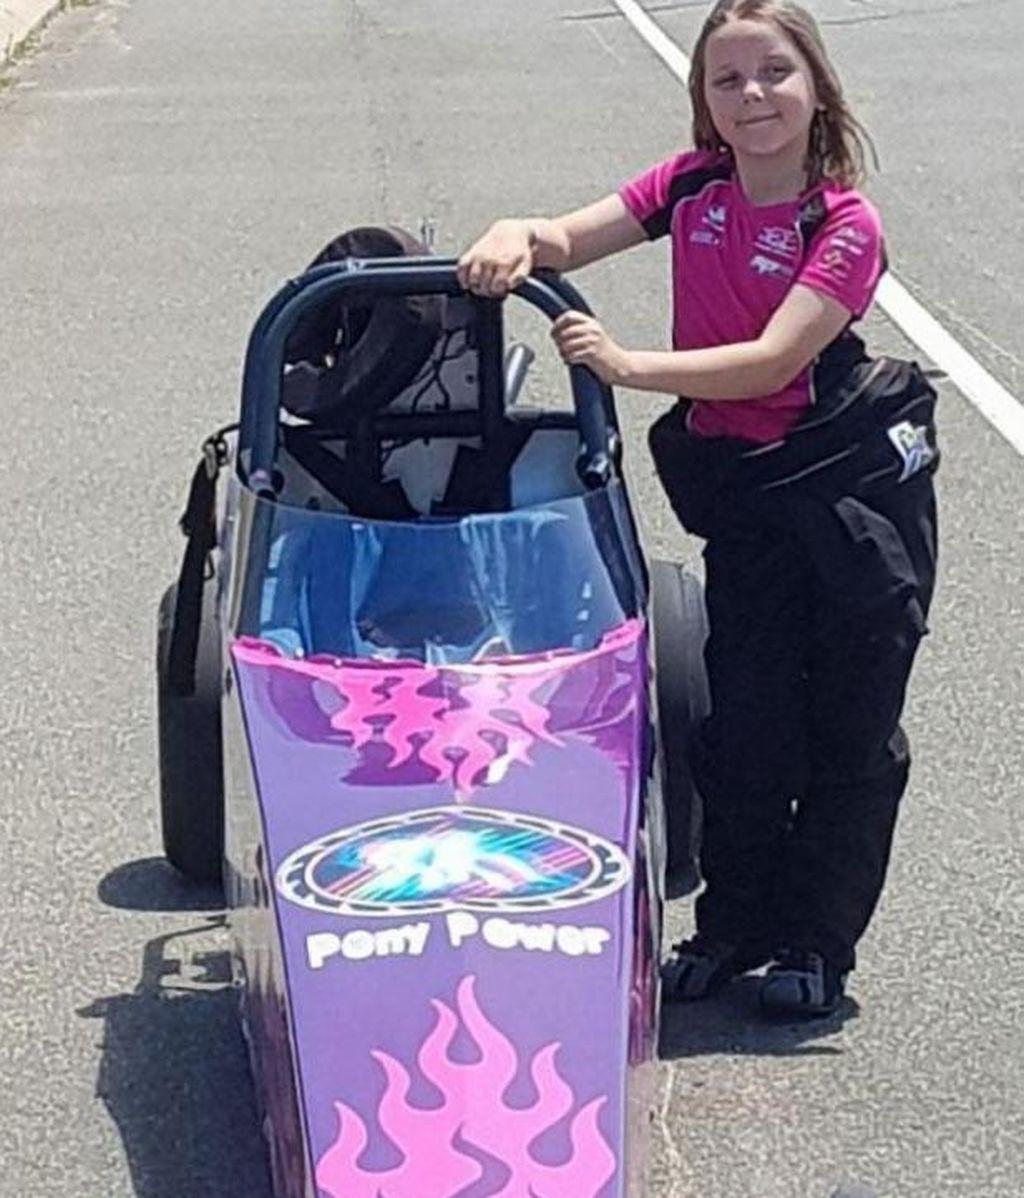 Una niña de ocho años muere en un accidente de carreras